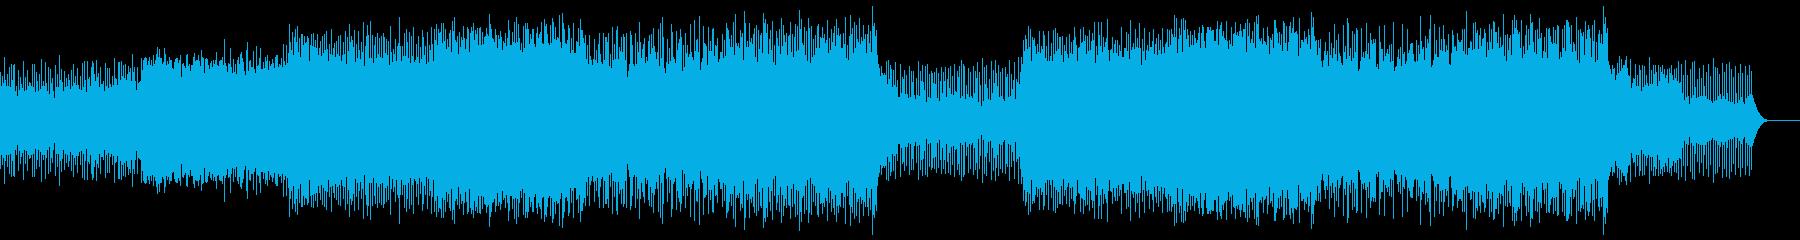 優しくわくわくするBGMですの再生済みの波形